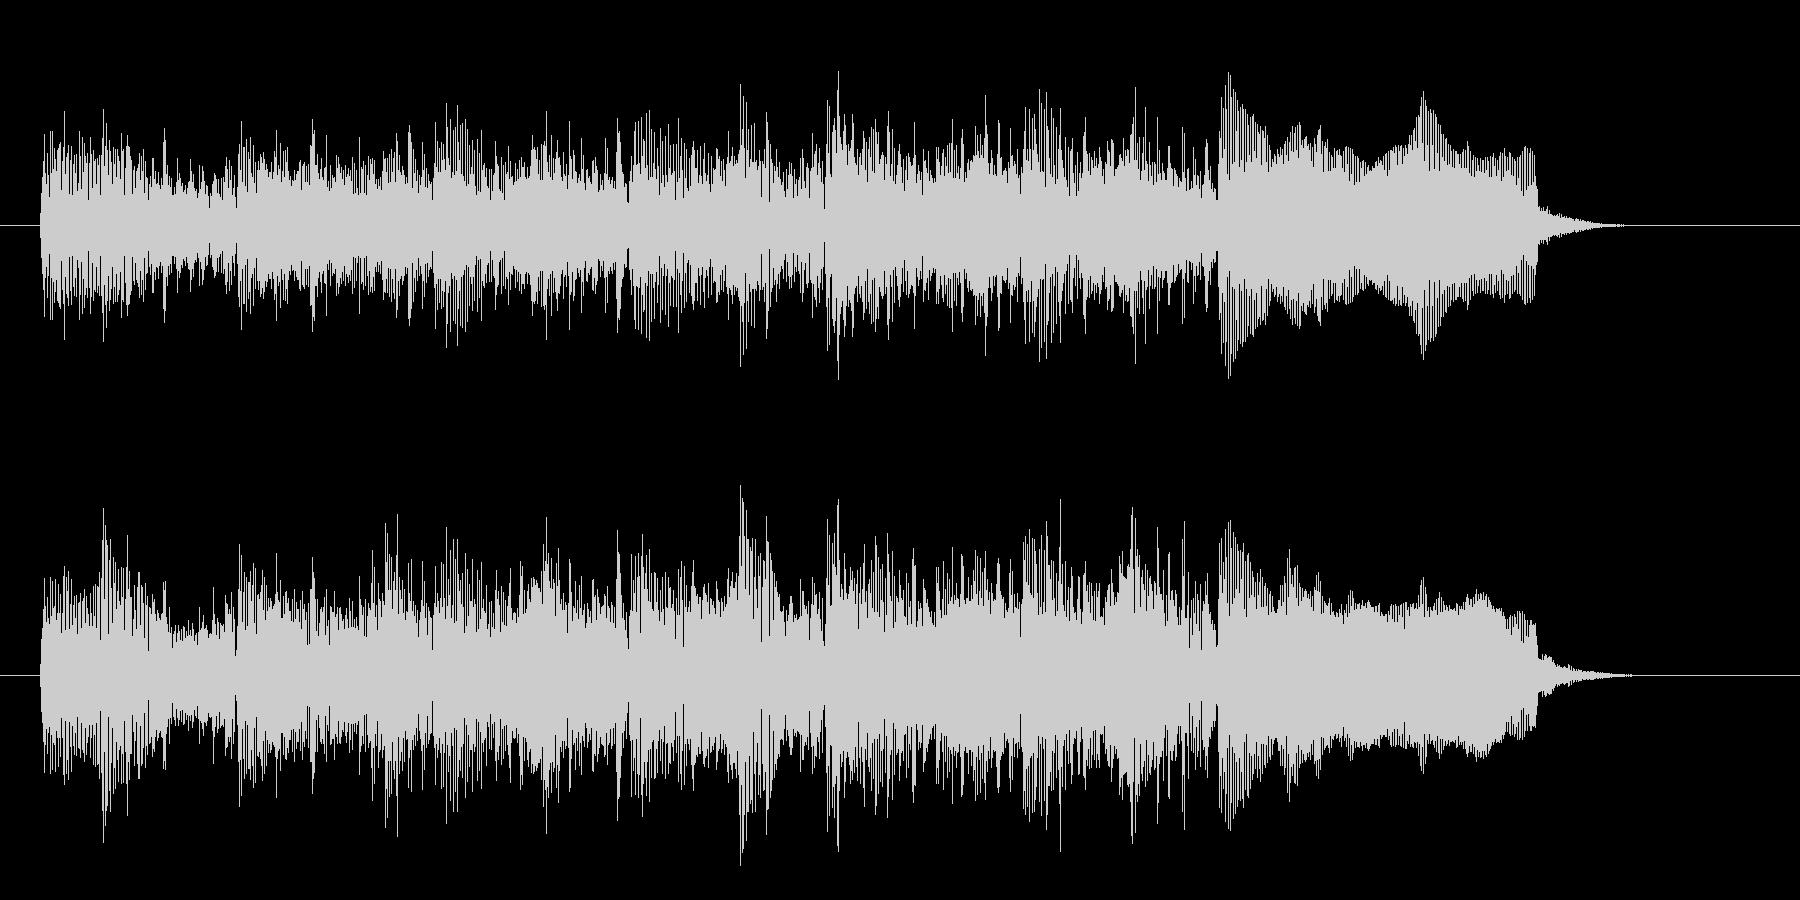 シンセサイザーのカッコいいメロディーの未再生の波形